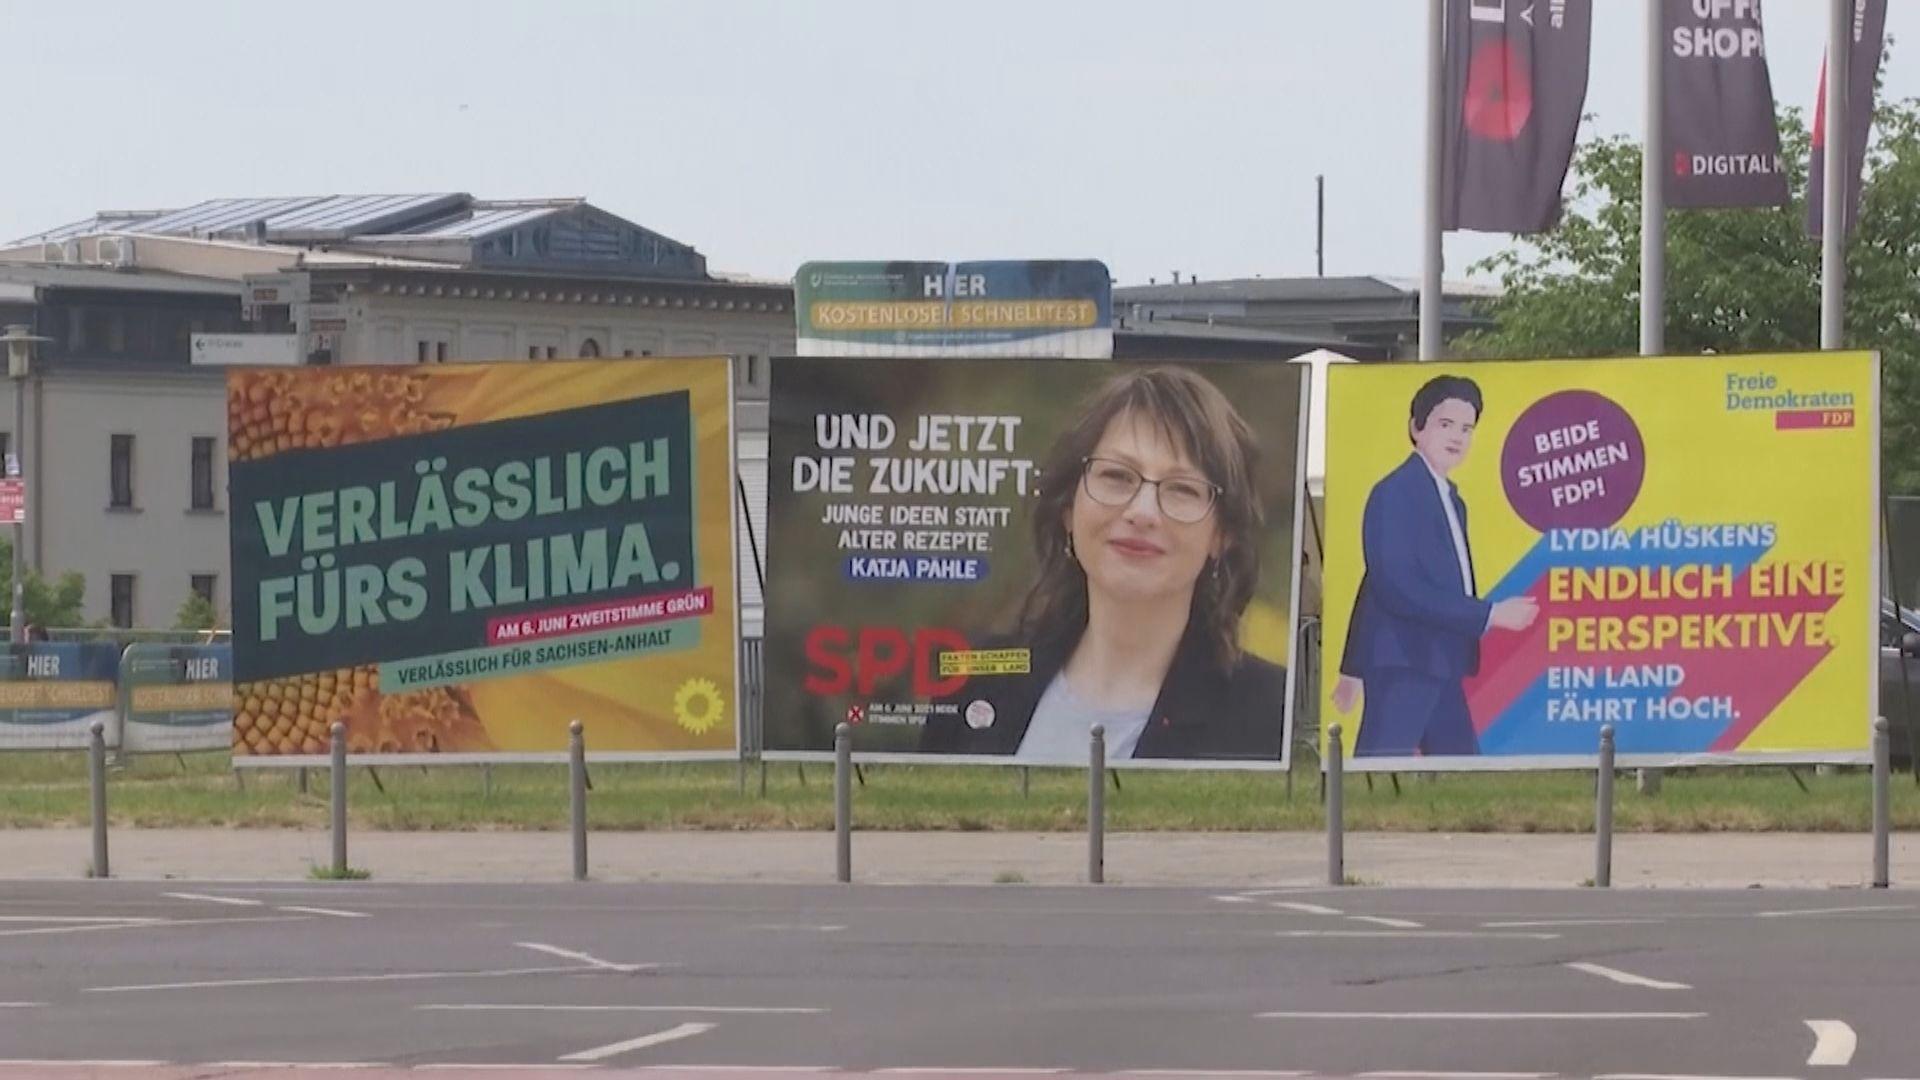 德國基民盟得票率百分之36 勝出大選前州議會選舉